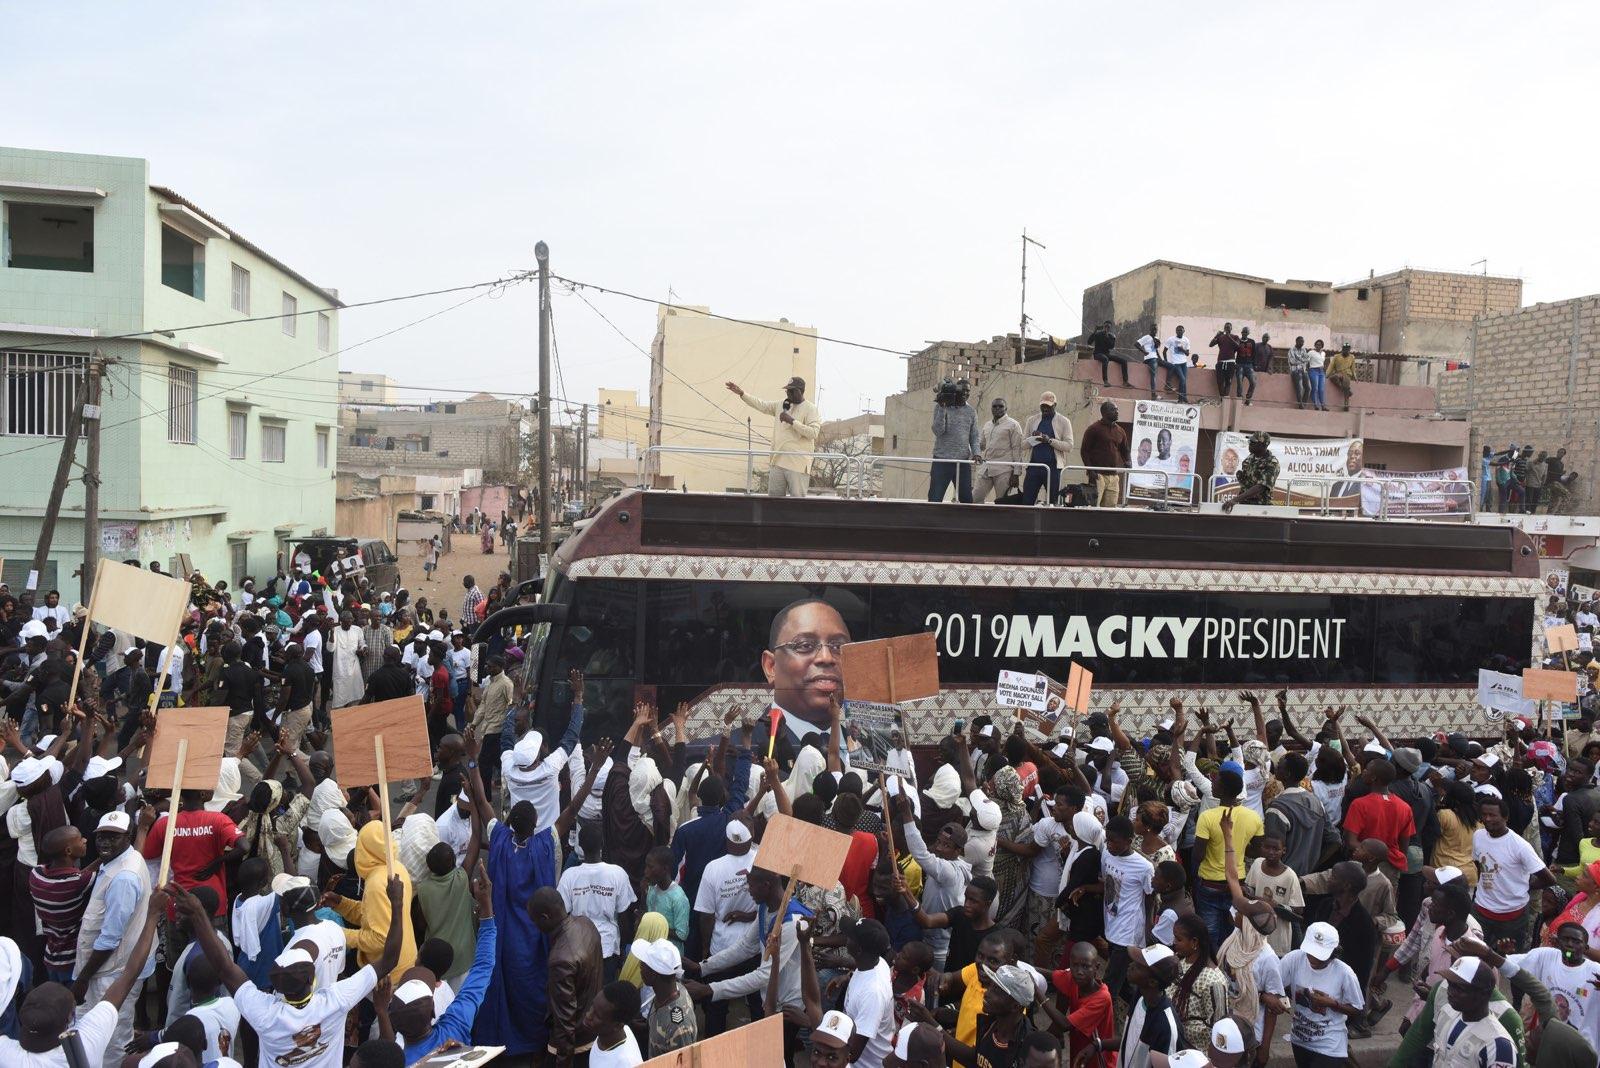 Des partisans de Macky Sall, pendant la campagne pour la présidentielle 2019.